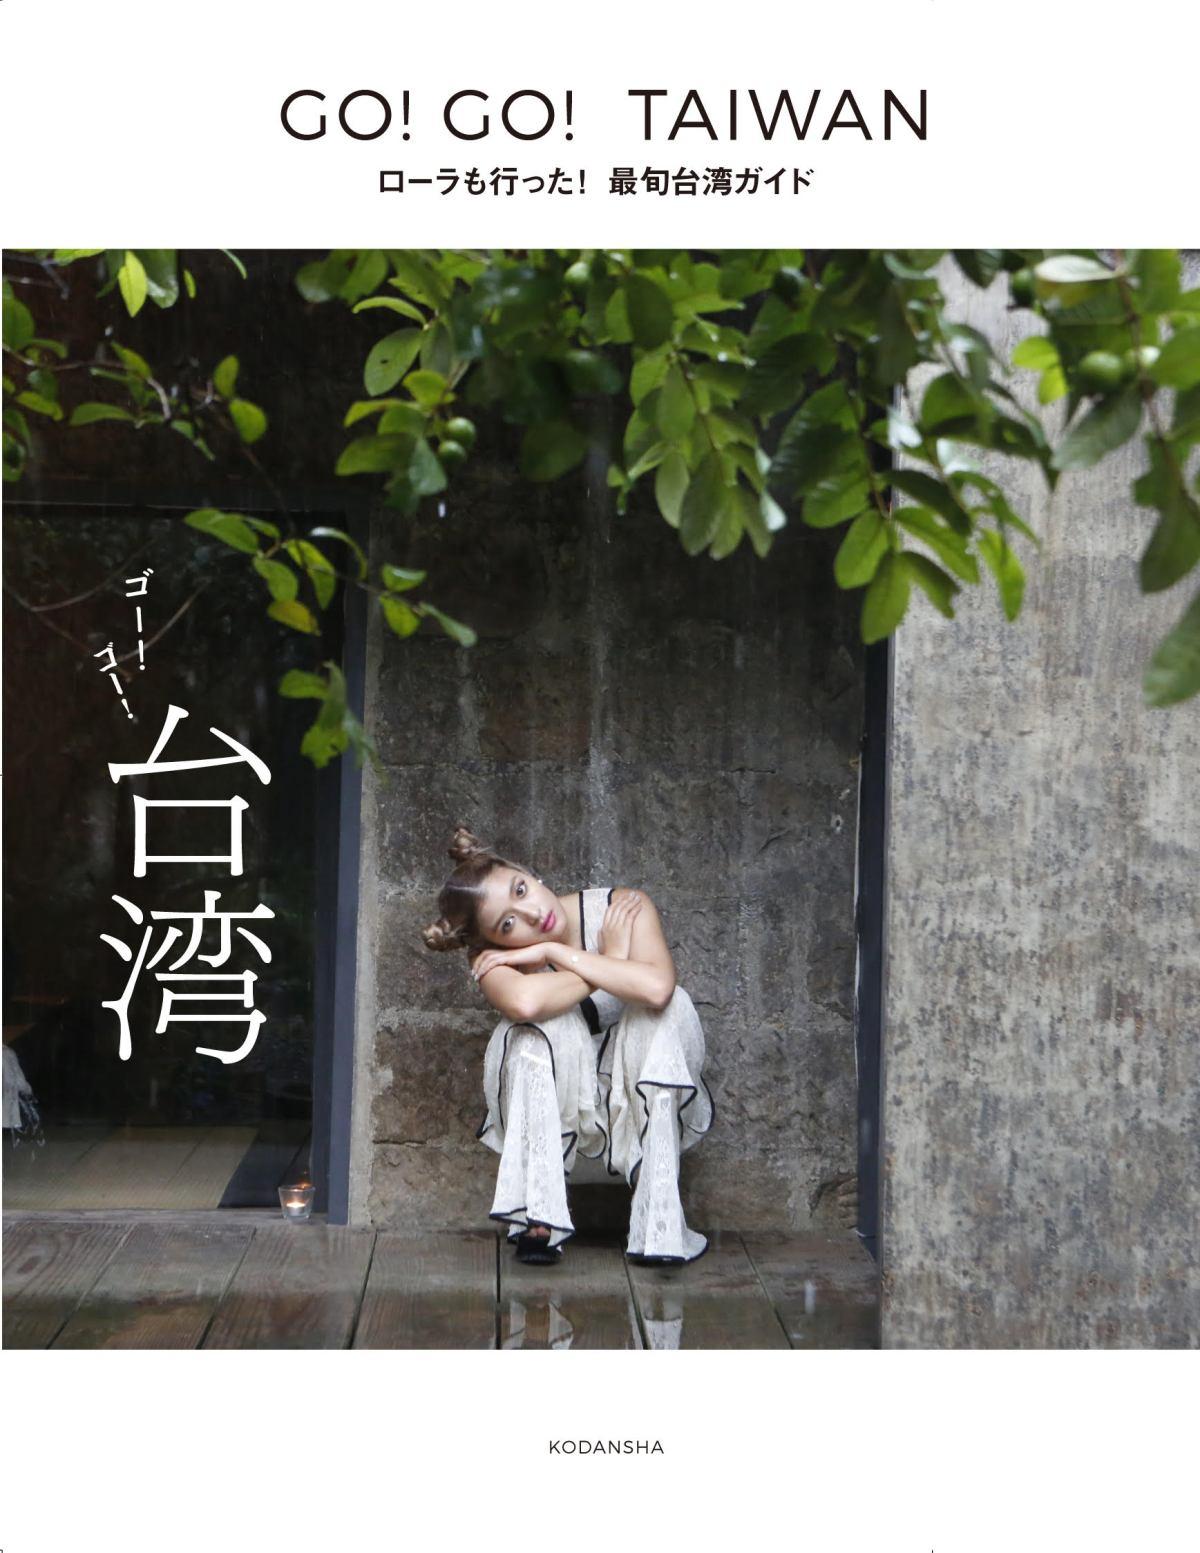 ローラがナビゲーター!【2015年度渡航先 人気ランキング1位】台湾の最旬ガイドが発売!